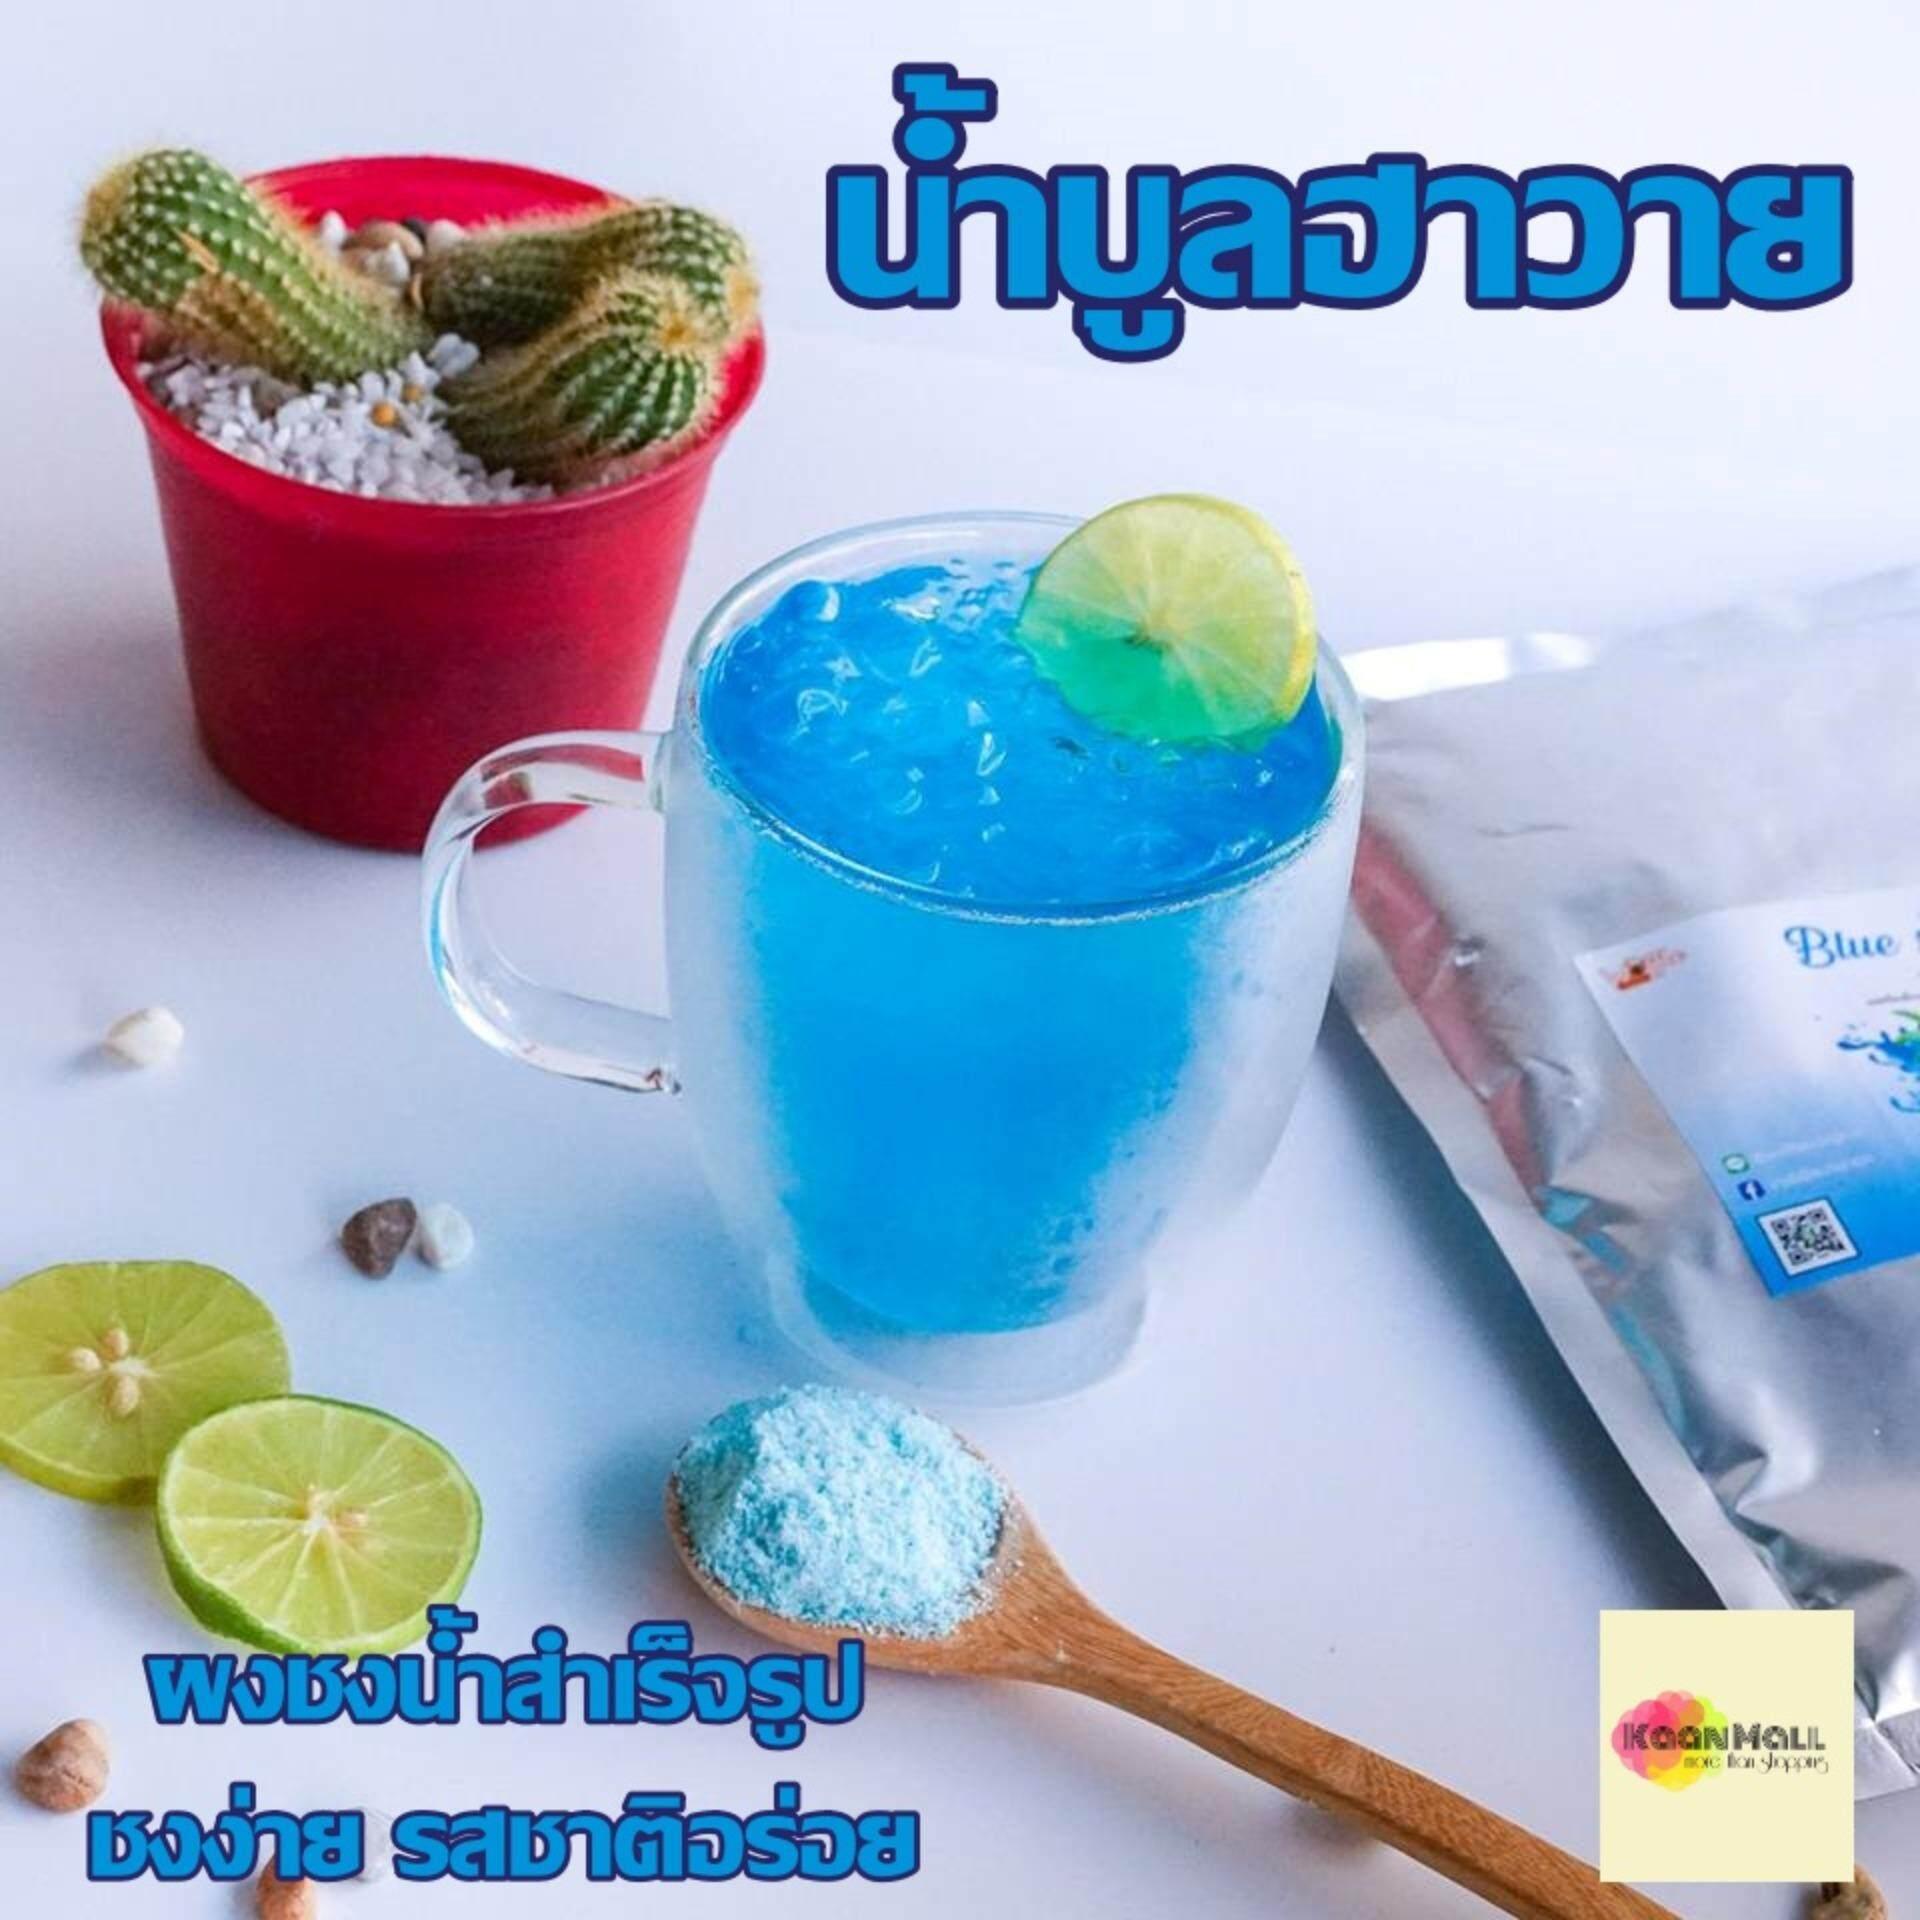 น้ำรสบูลฮาวาย ผงเครื่องดื่มชงสำเร็จ อร่อยเด็ด สะดวก ปลอดภัย น้ำผลไม้และน้ำสมุนไพรเพื่อสุขภาพที่แสนง่าย  น้ำผลไม้แบบผง ตรา Bangkok Jooze ขนาด 500 กรัม 1 ซองทำน้ำได้ 5 ลิตร  (รสบลูโซดา).